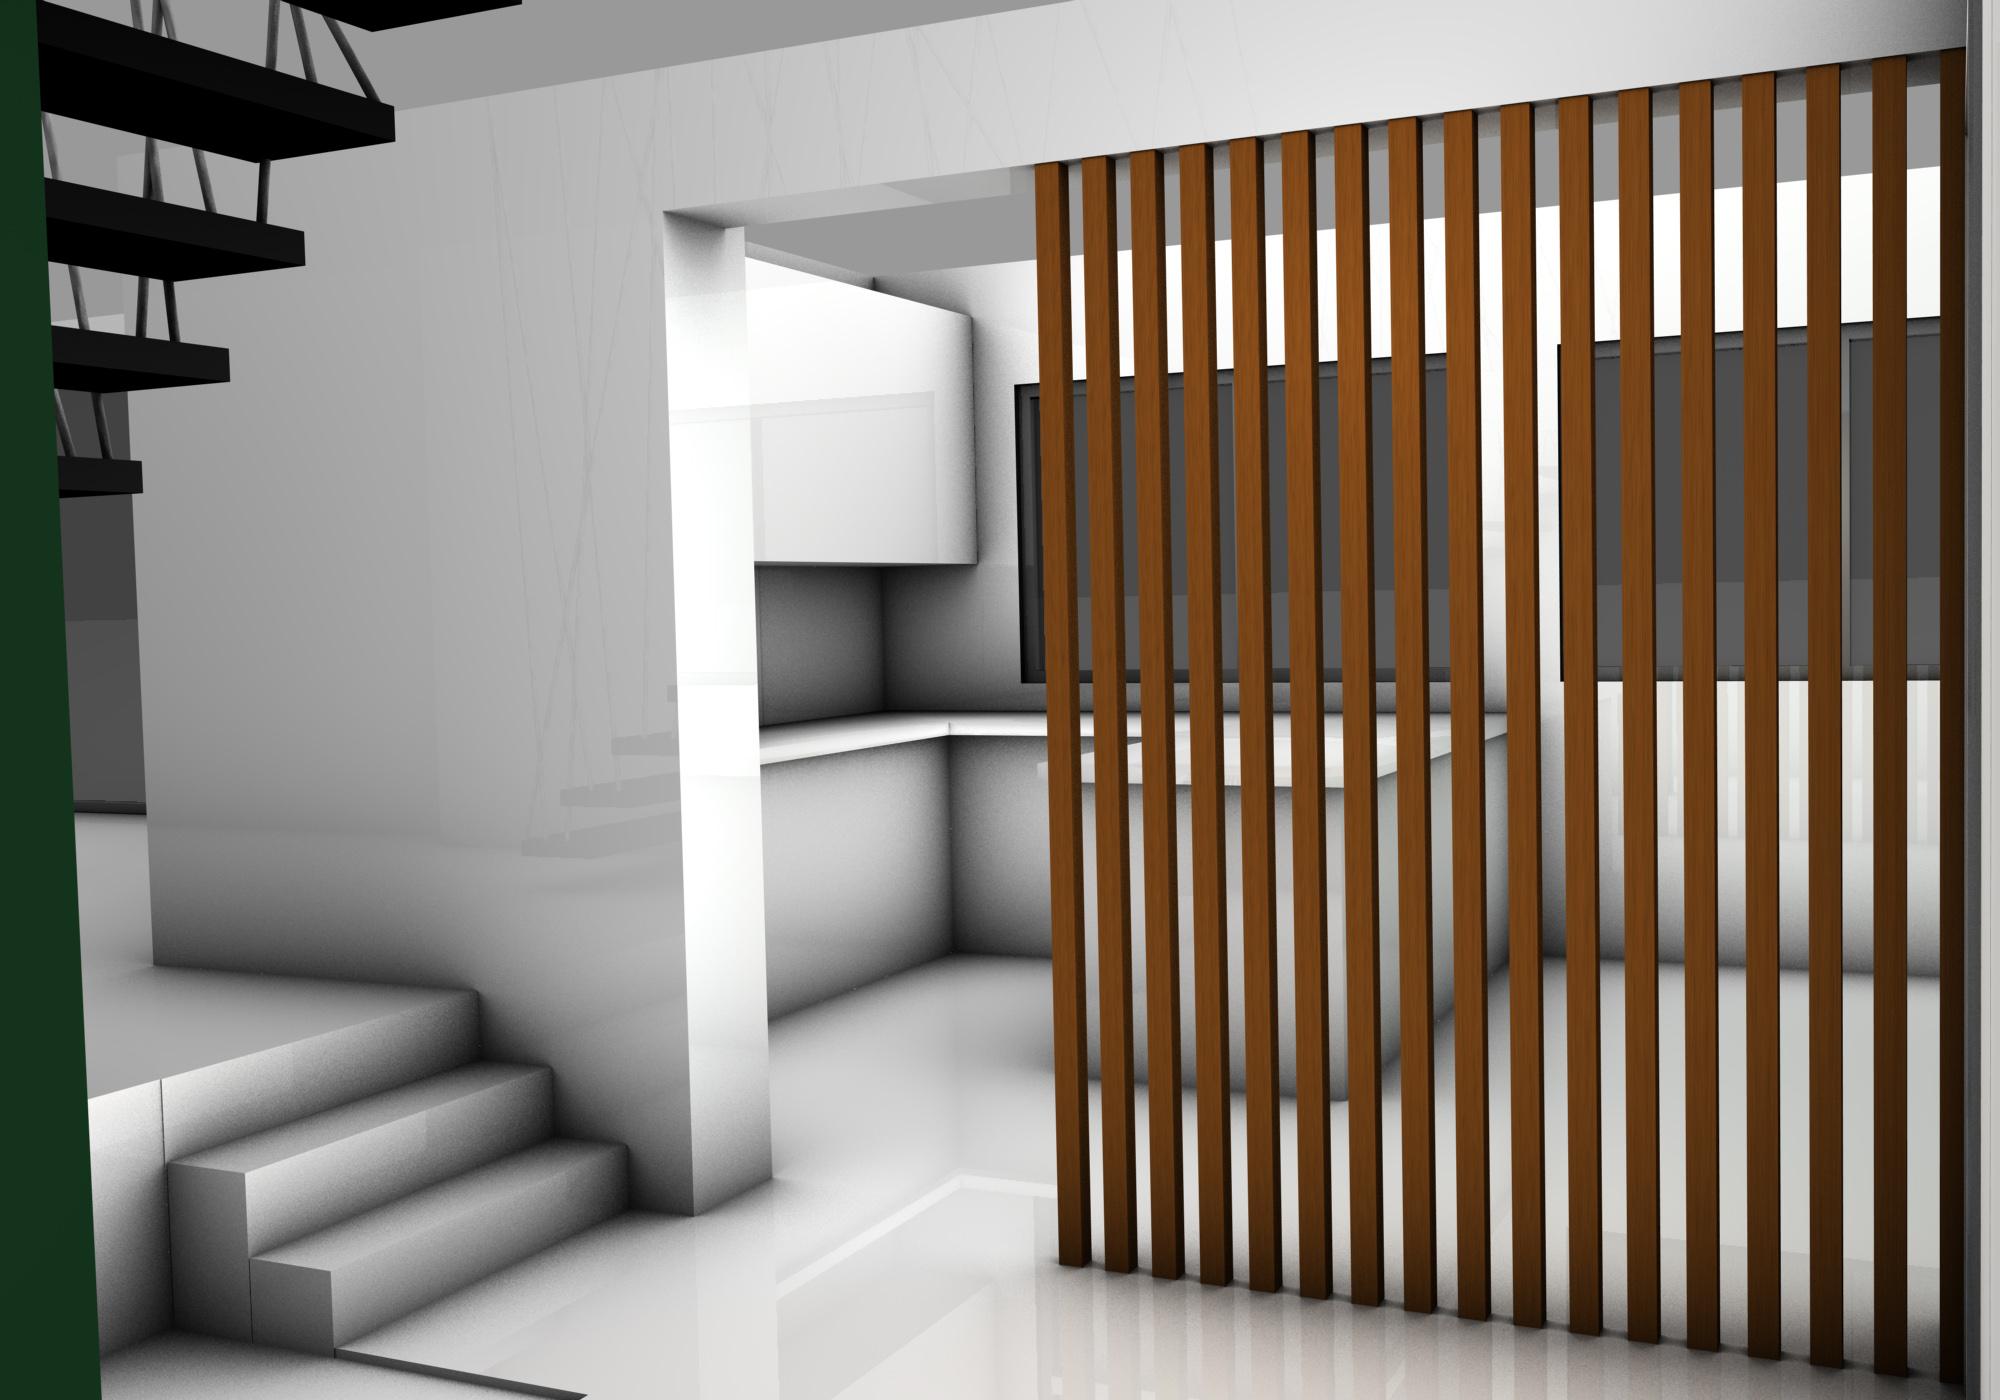 cloison mobile en bois design id es de travaux. Black Bedroom Furniture Sets. Home Design Ideas